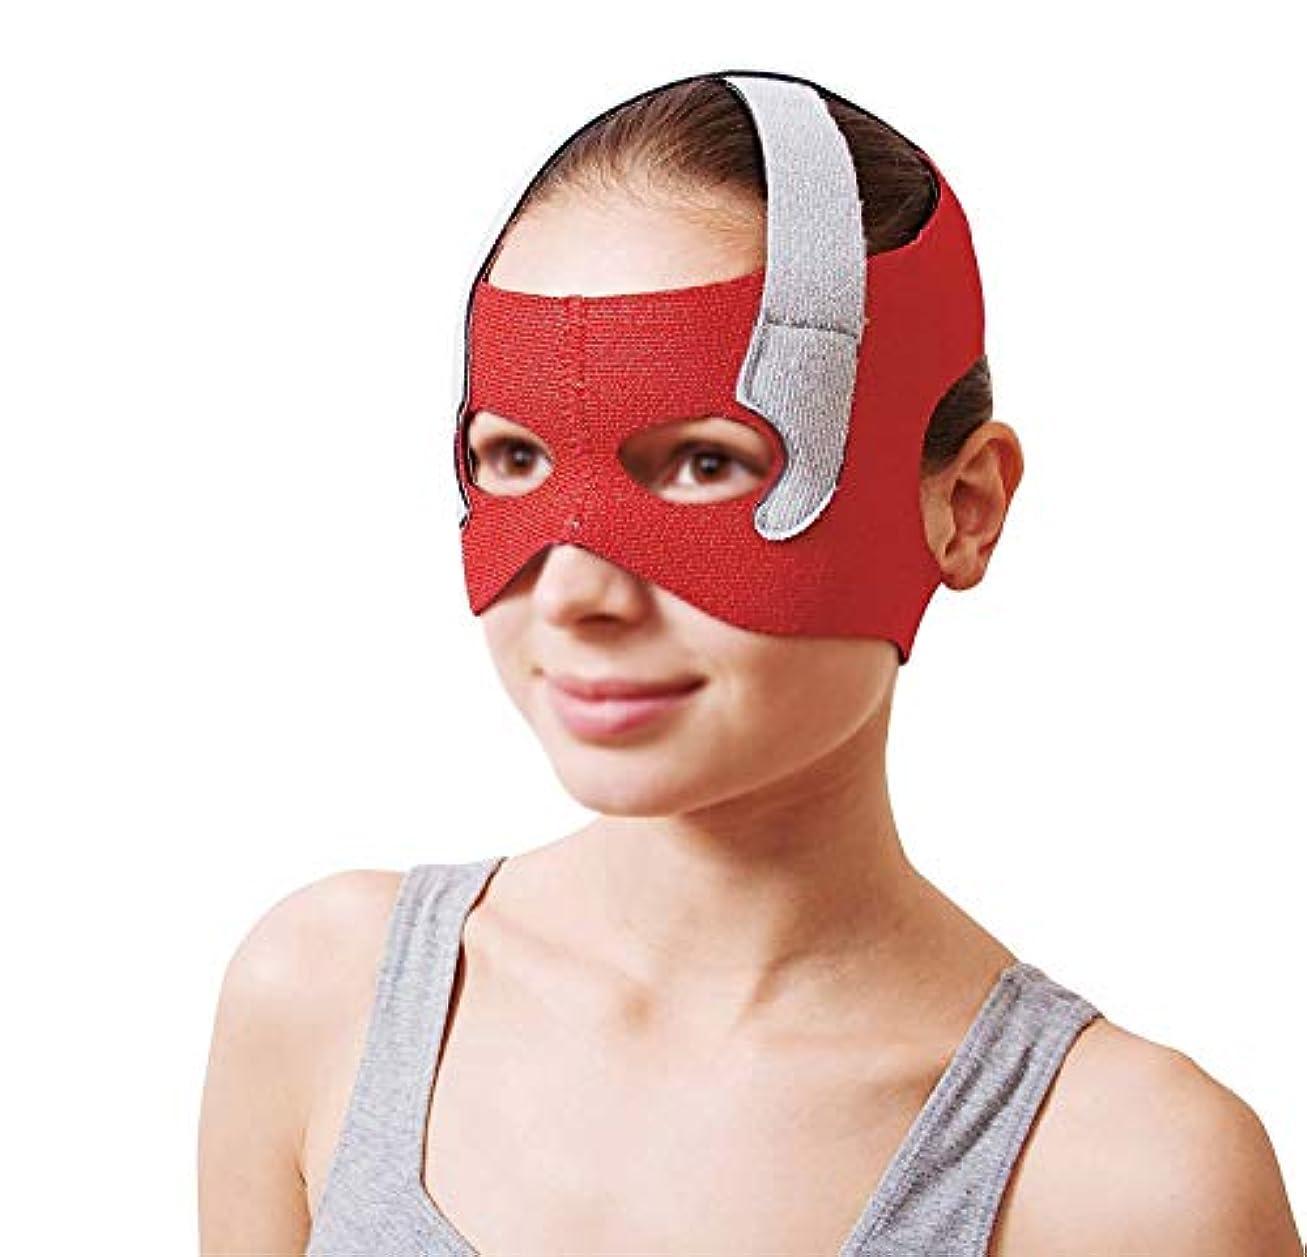 餌ゲートすり減るフェイスリフトマスク、回復ポスト包帯ヘッドギアフェイスマスクフェイス薄いフェイスマスクアーティファクト美容ベルトフェイスとネックリフトフェイス円周57-68センチ